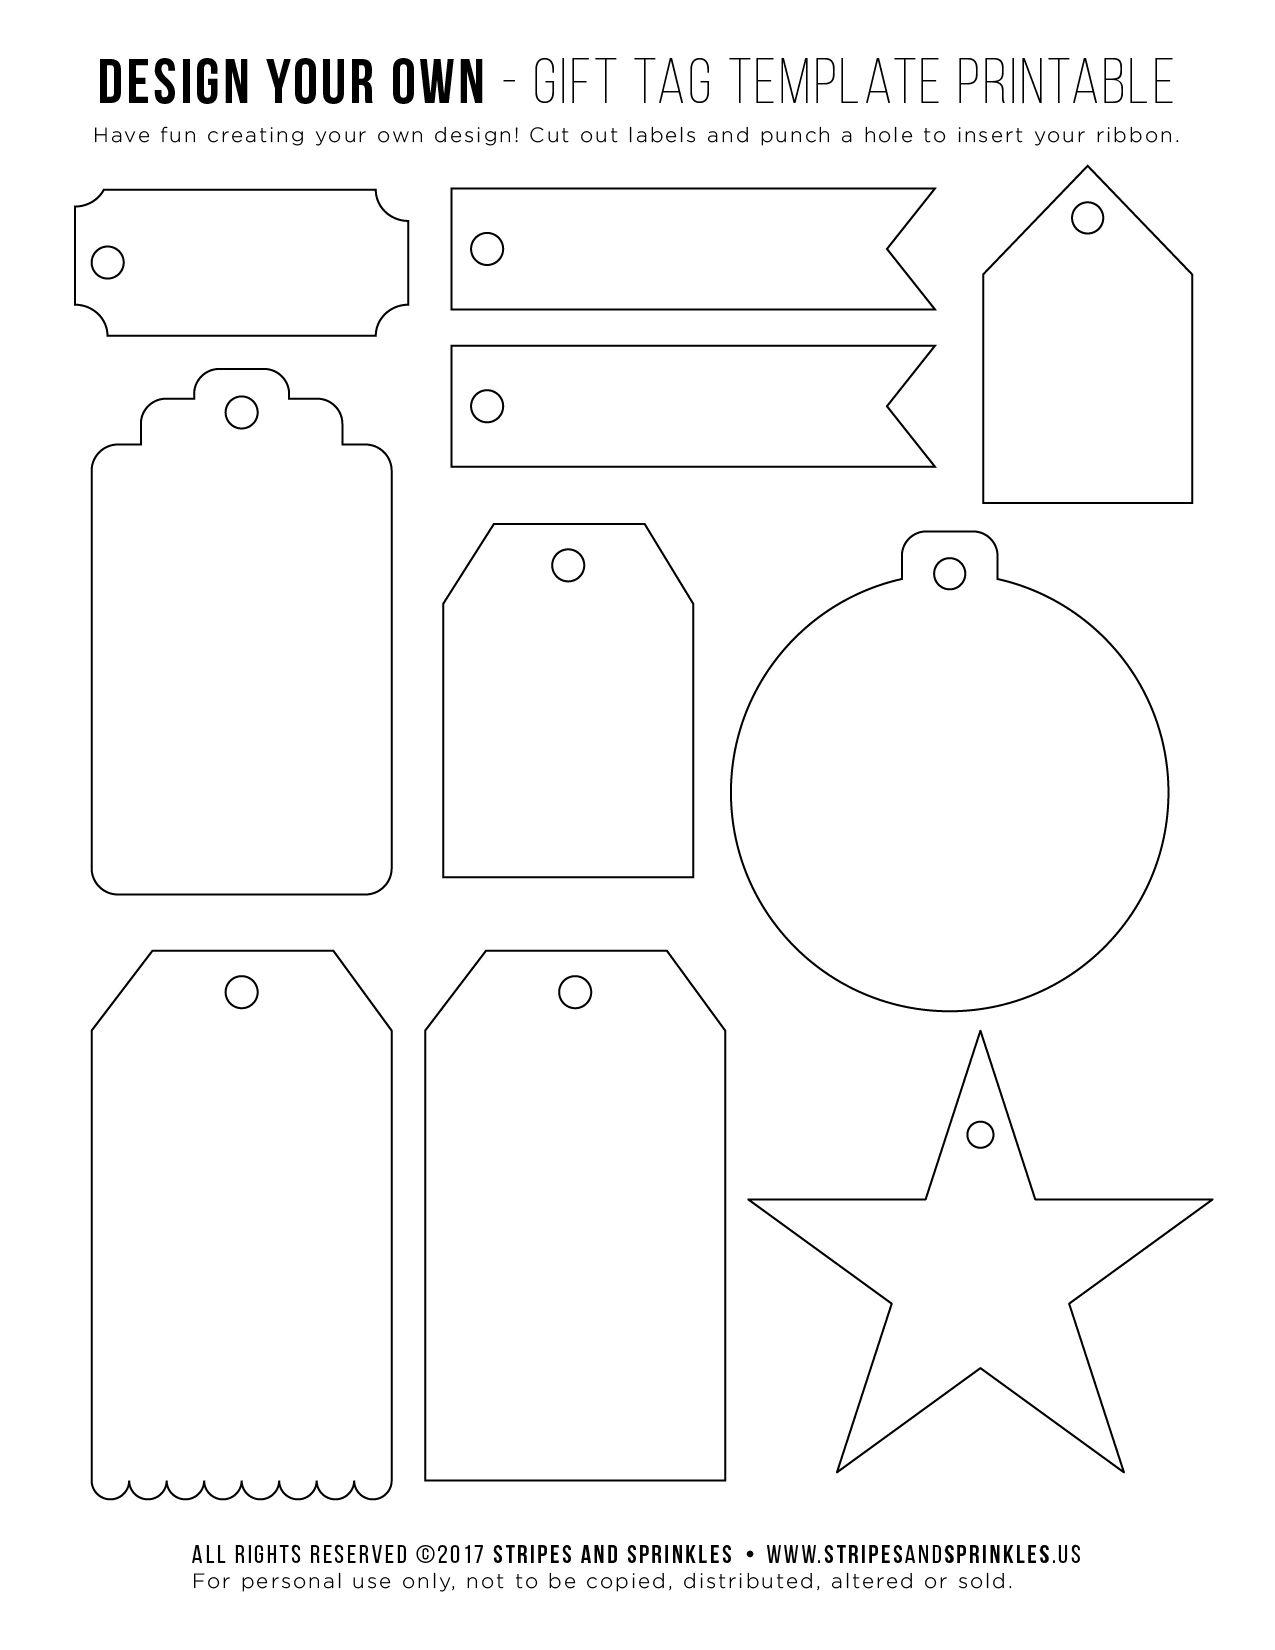 Free Gift Tag Template Printable Etiquetas Para Artesanato Etiquetas Feitas A Mao Tags Ideias